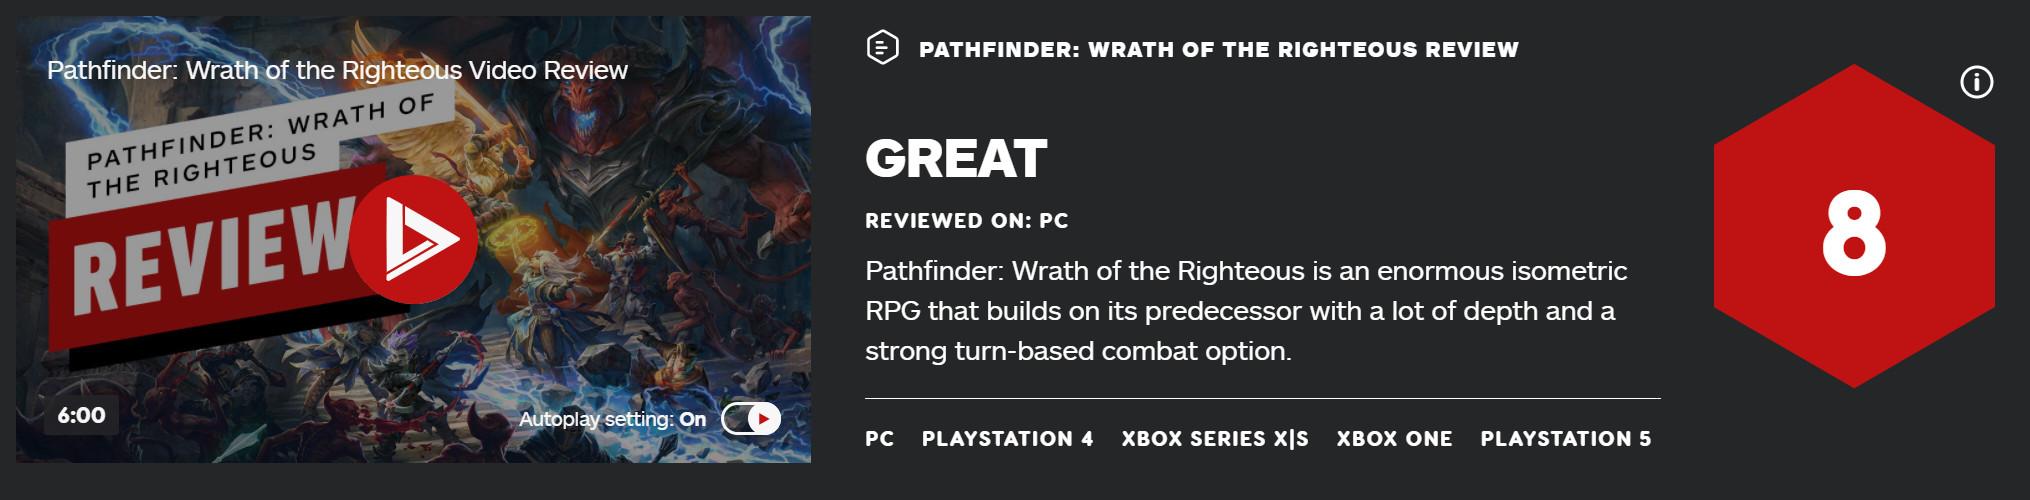 《开拓者:正义之怒》IGN8分 PC版首周销量达25万